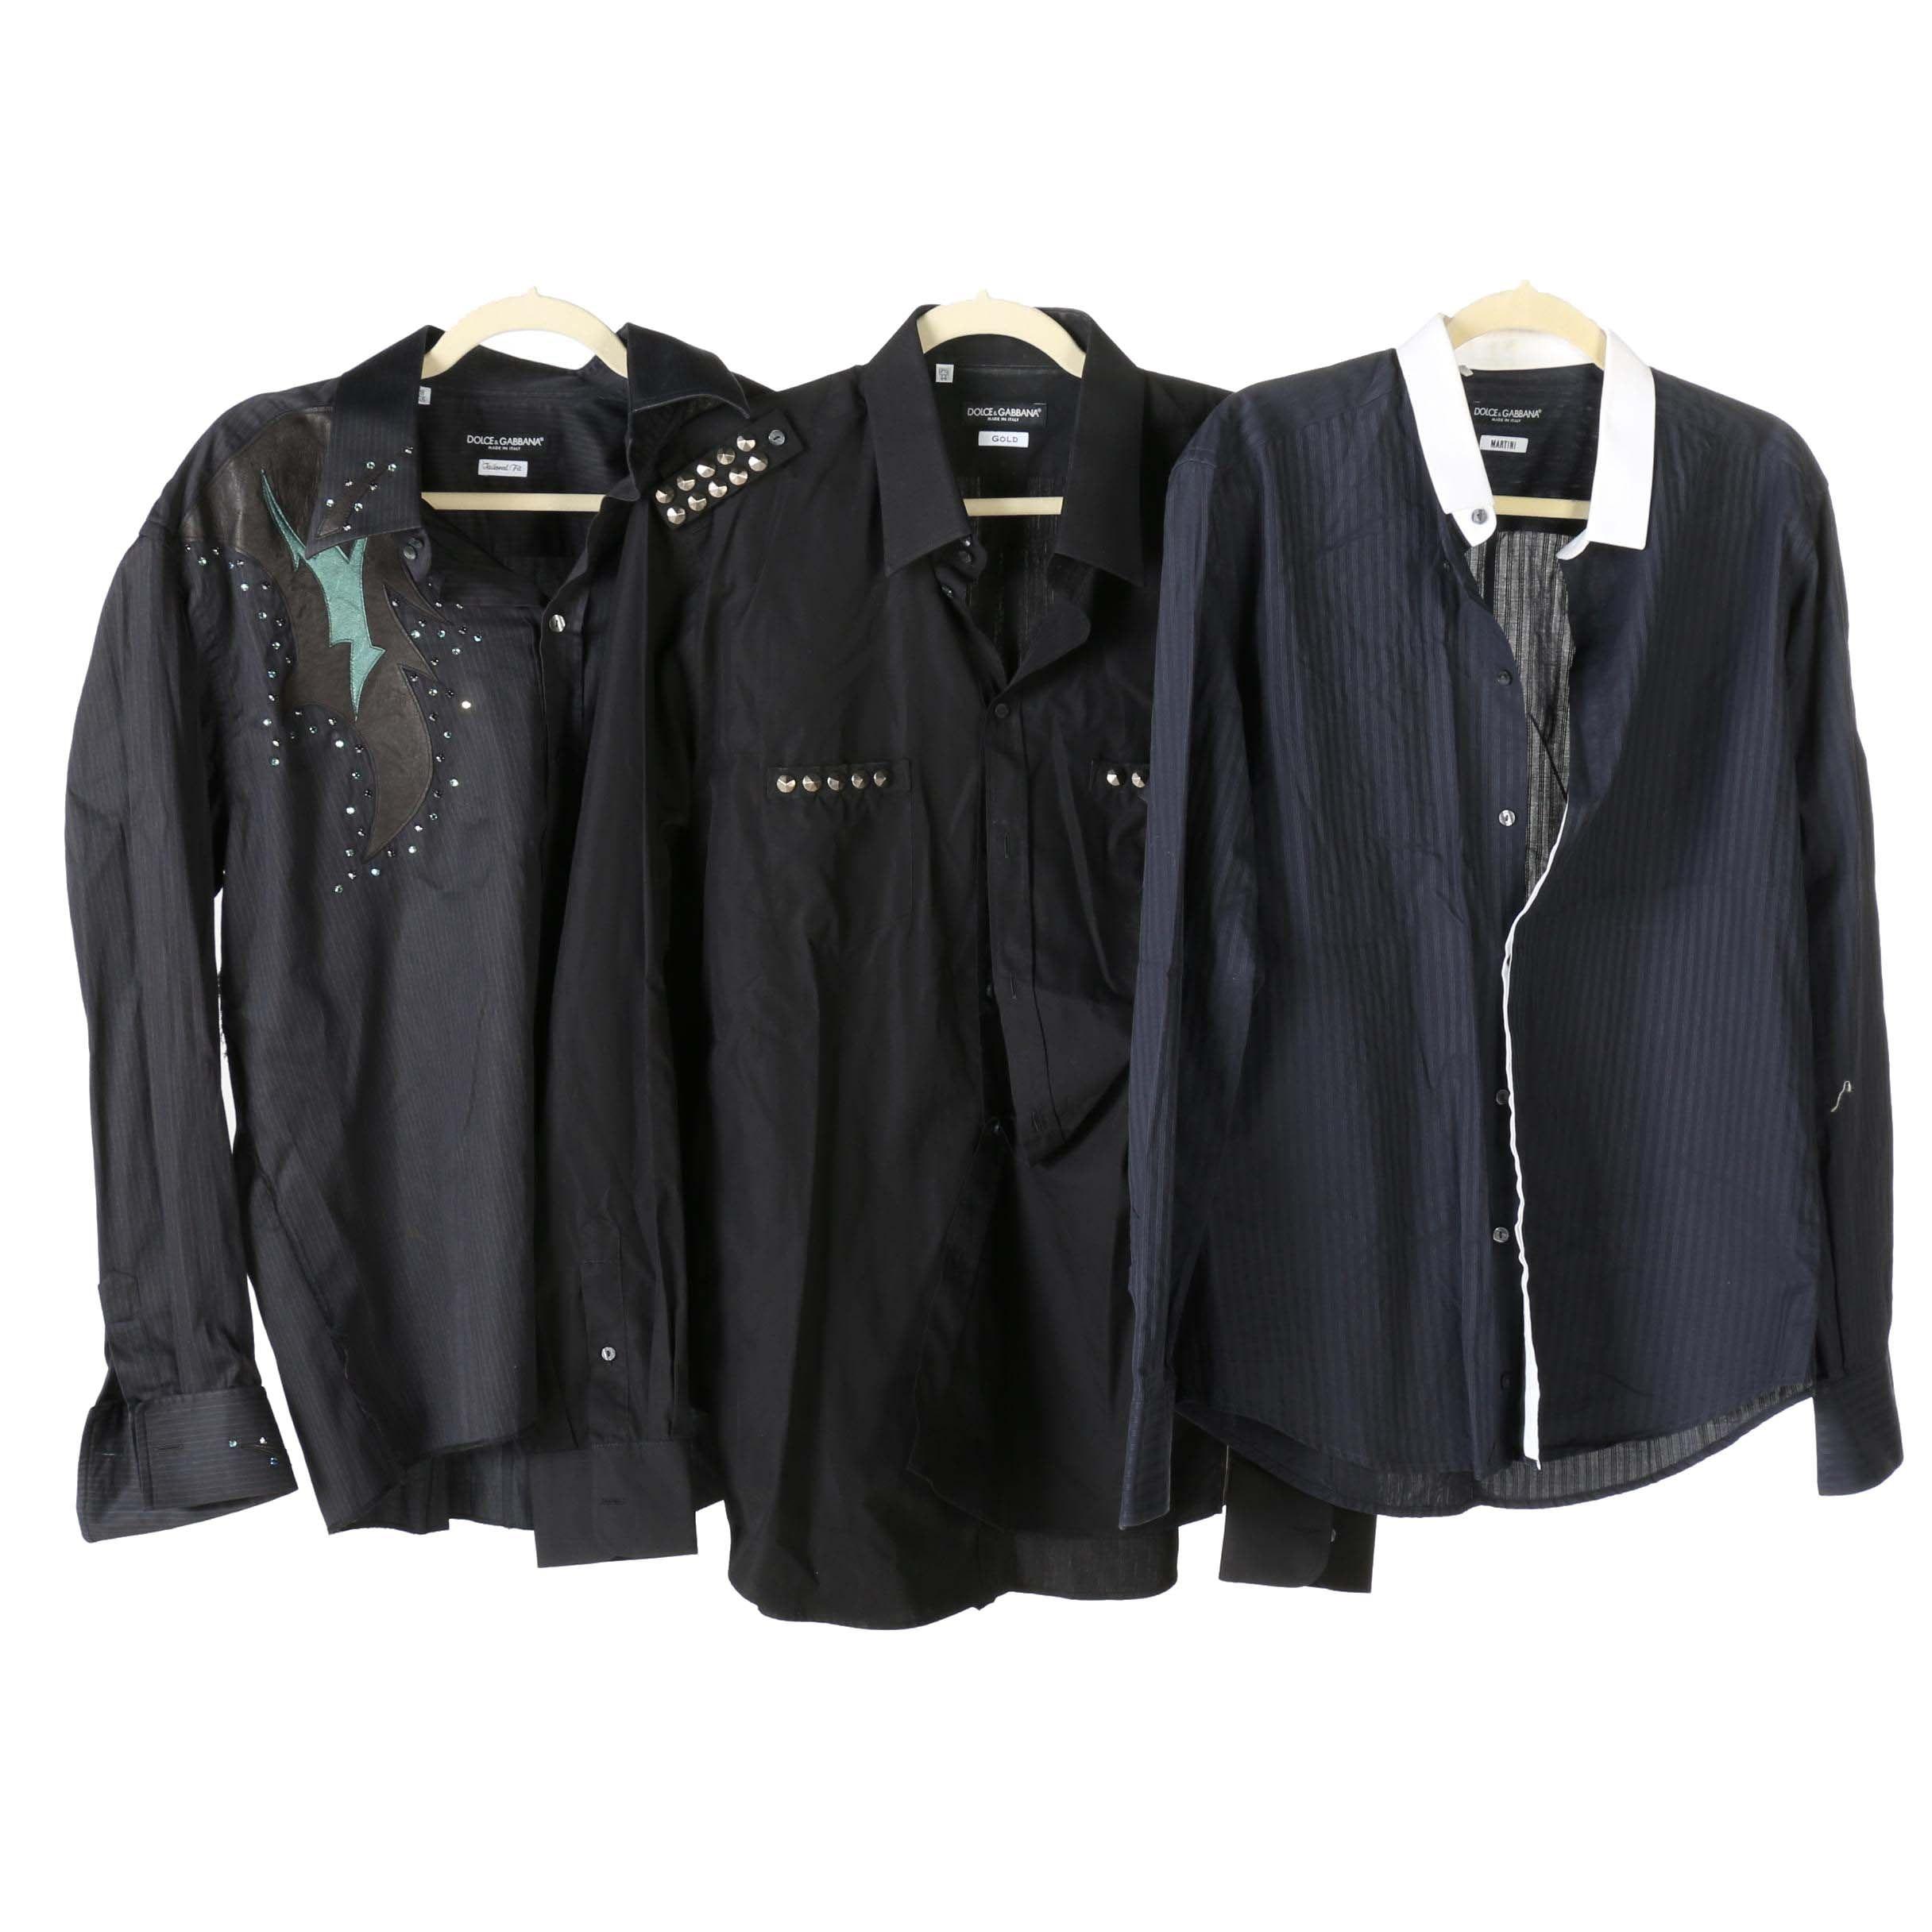 Dolce & Gabbana Button Up Shirts